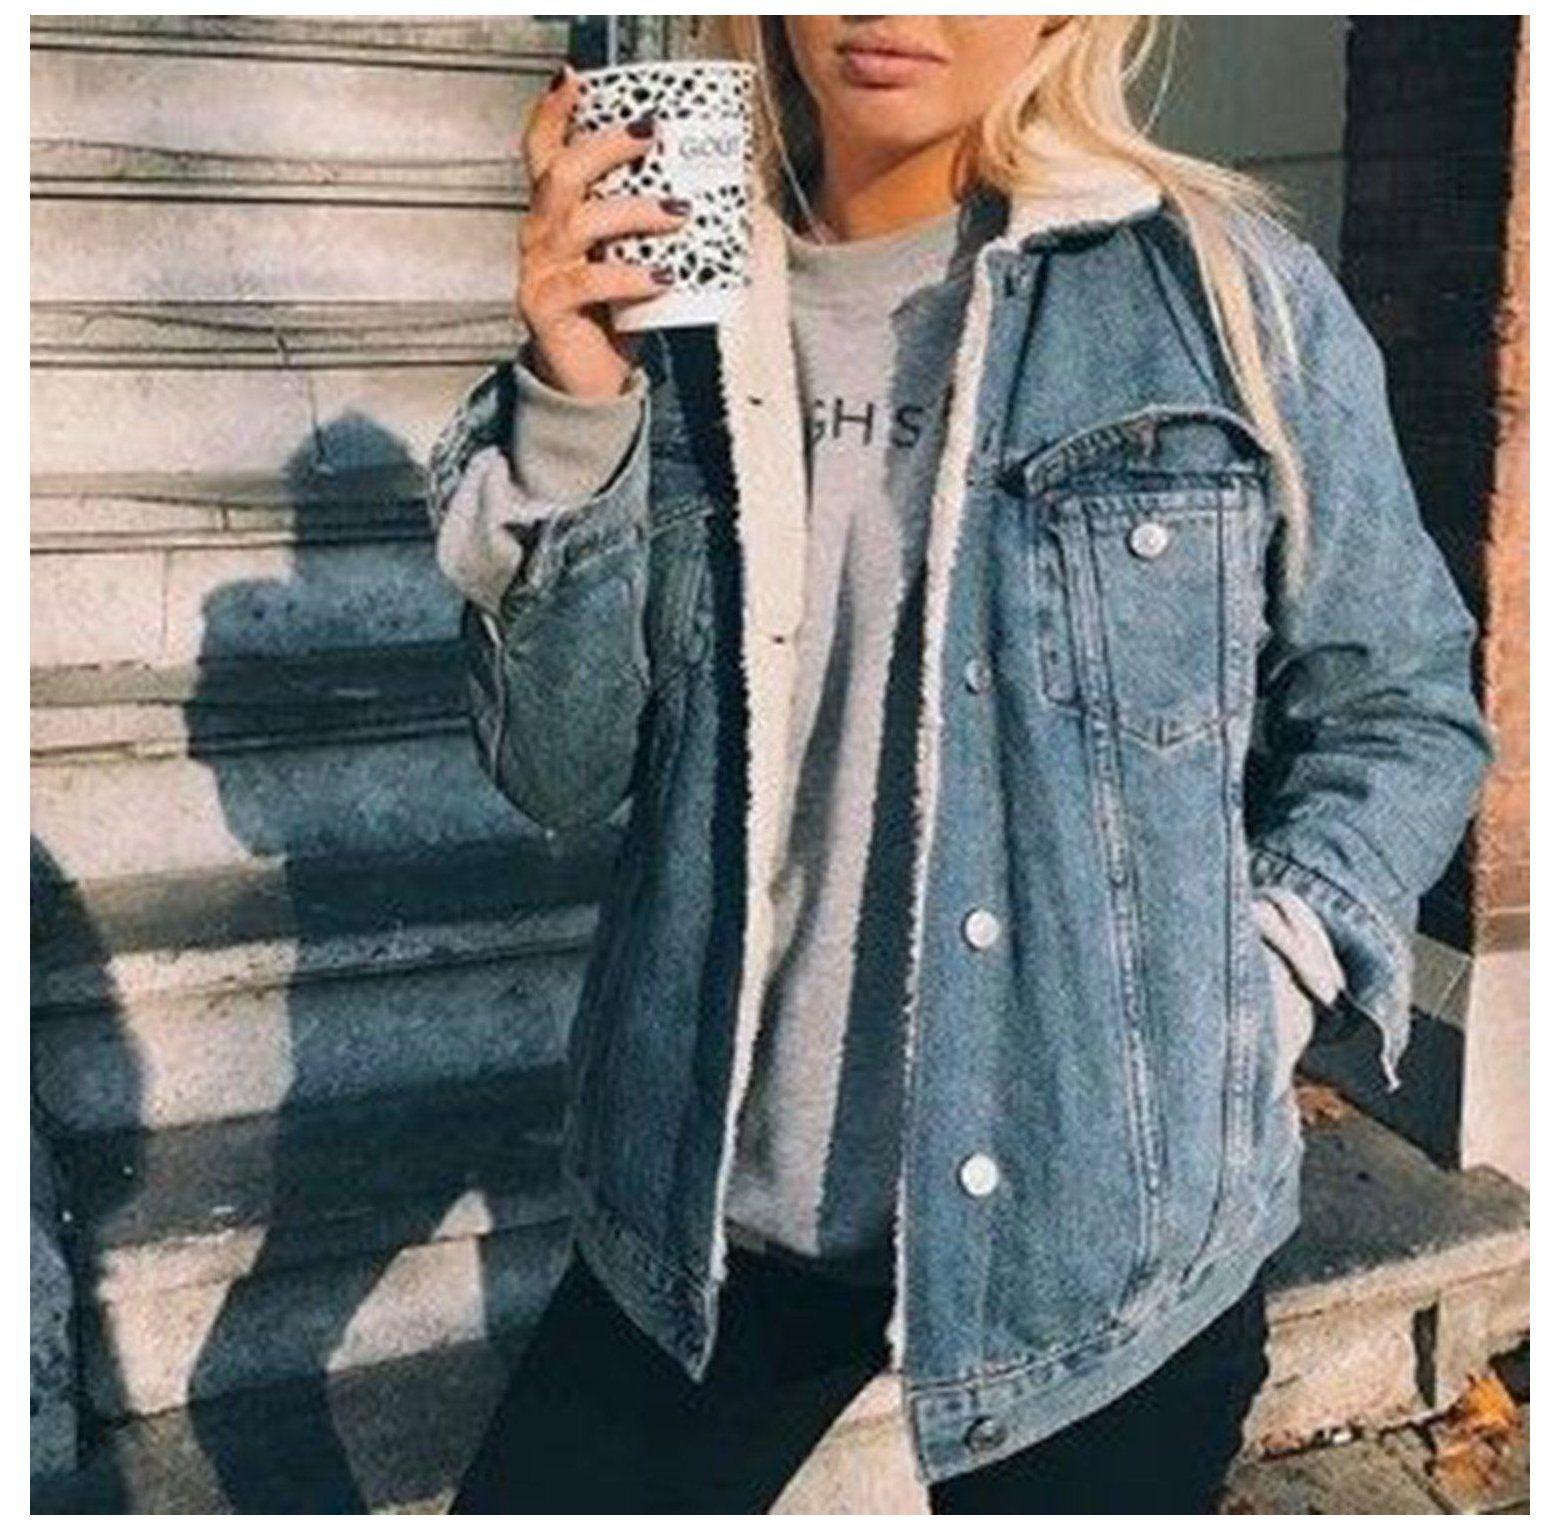 Jean Jacket Outfits Winter Teddy Fur Lined Jean Jacket Petite Denim Jacket With Fur Inside Denim Jacket With Fur Winter Jacket Outfits Petite Denim Jacket [ 1530 x 1560 Pixel ]